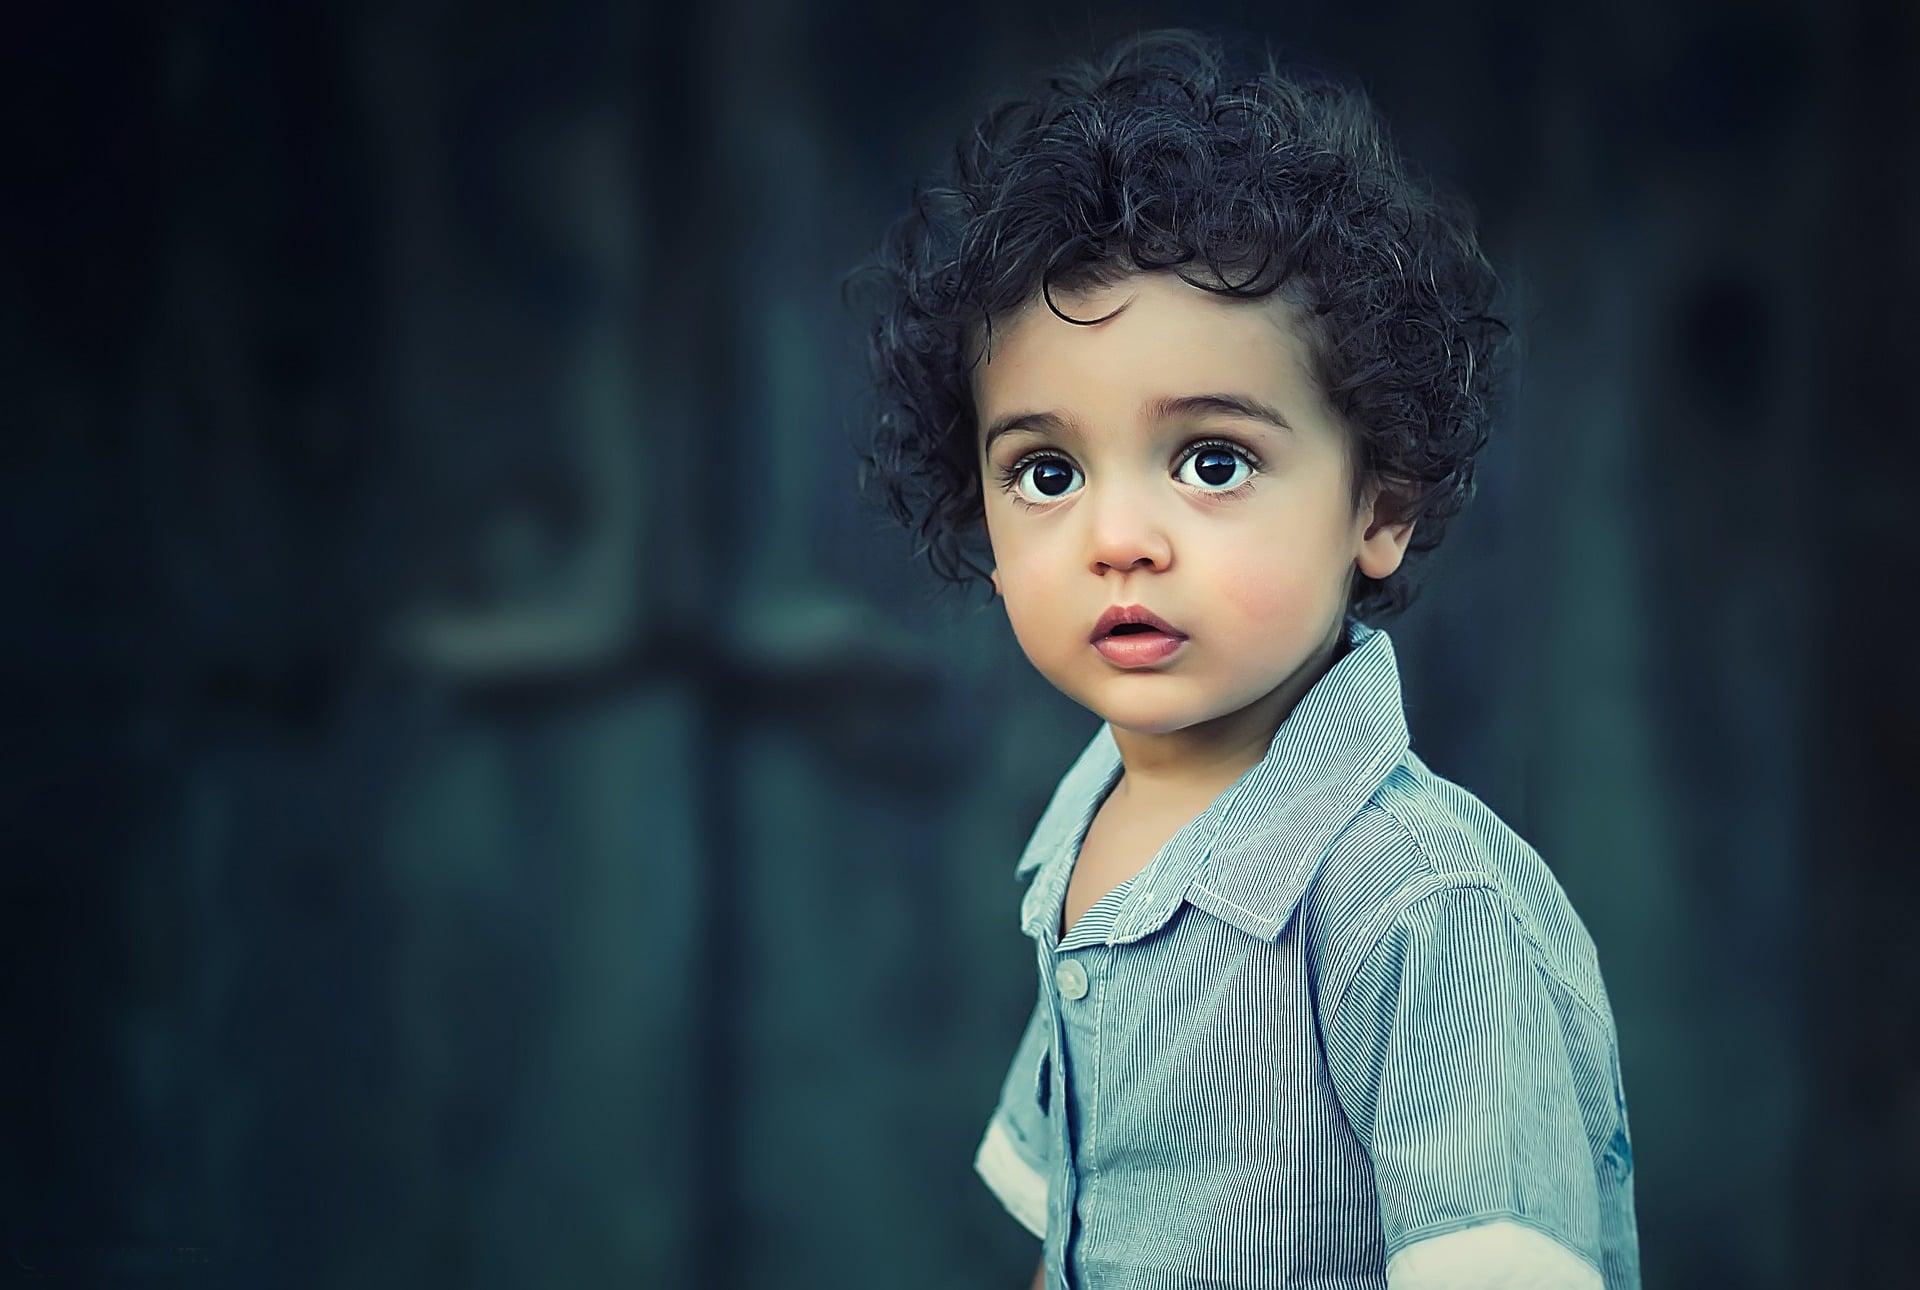 Prénom masculin Américain : idées pour bien choisir le prénom de son bébé / garçon